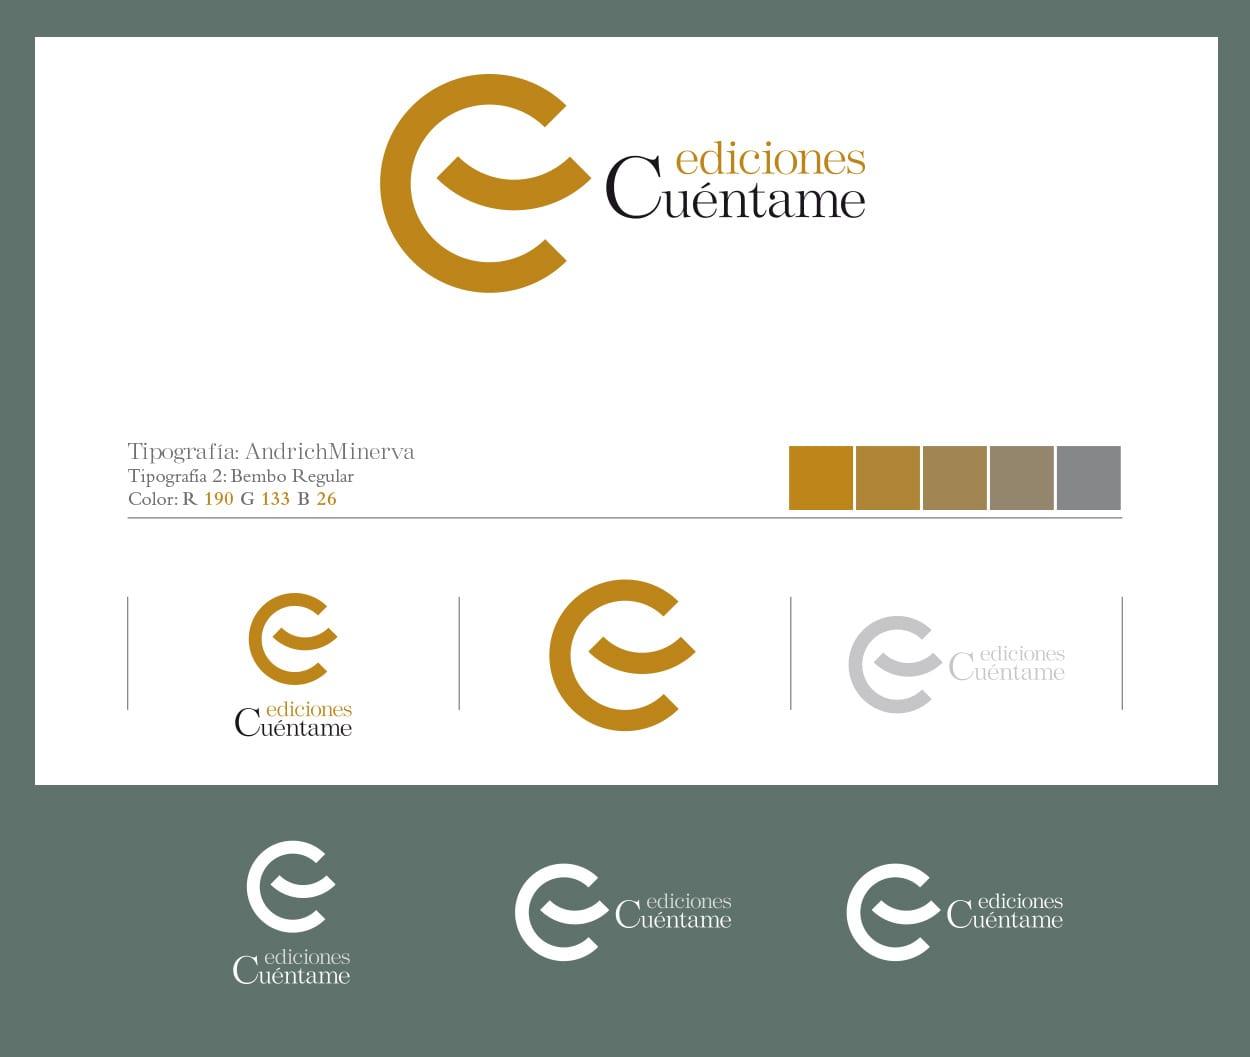 Diseño de la imágen gráfica de la editorial Ediciones Cuéntame.